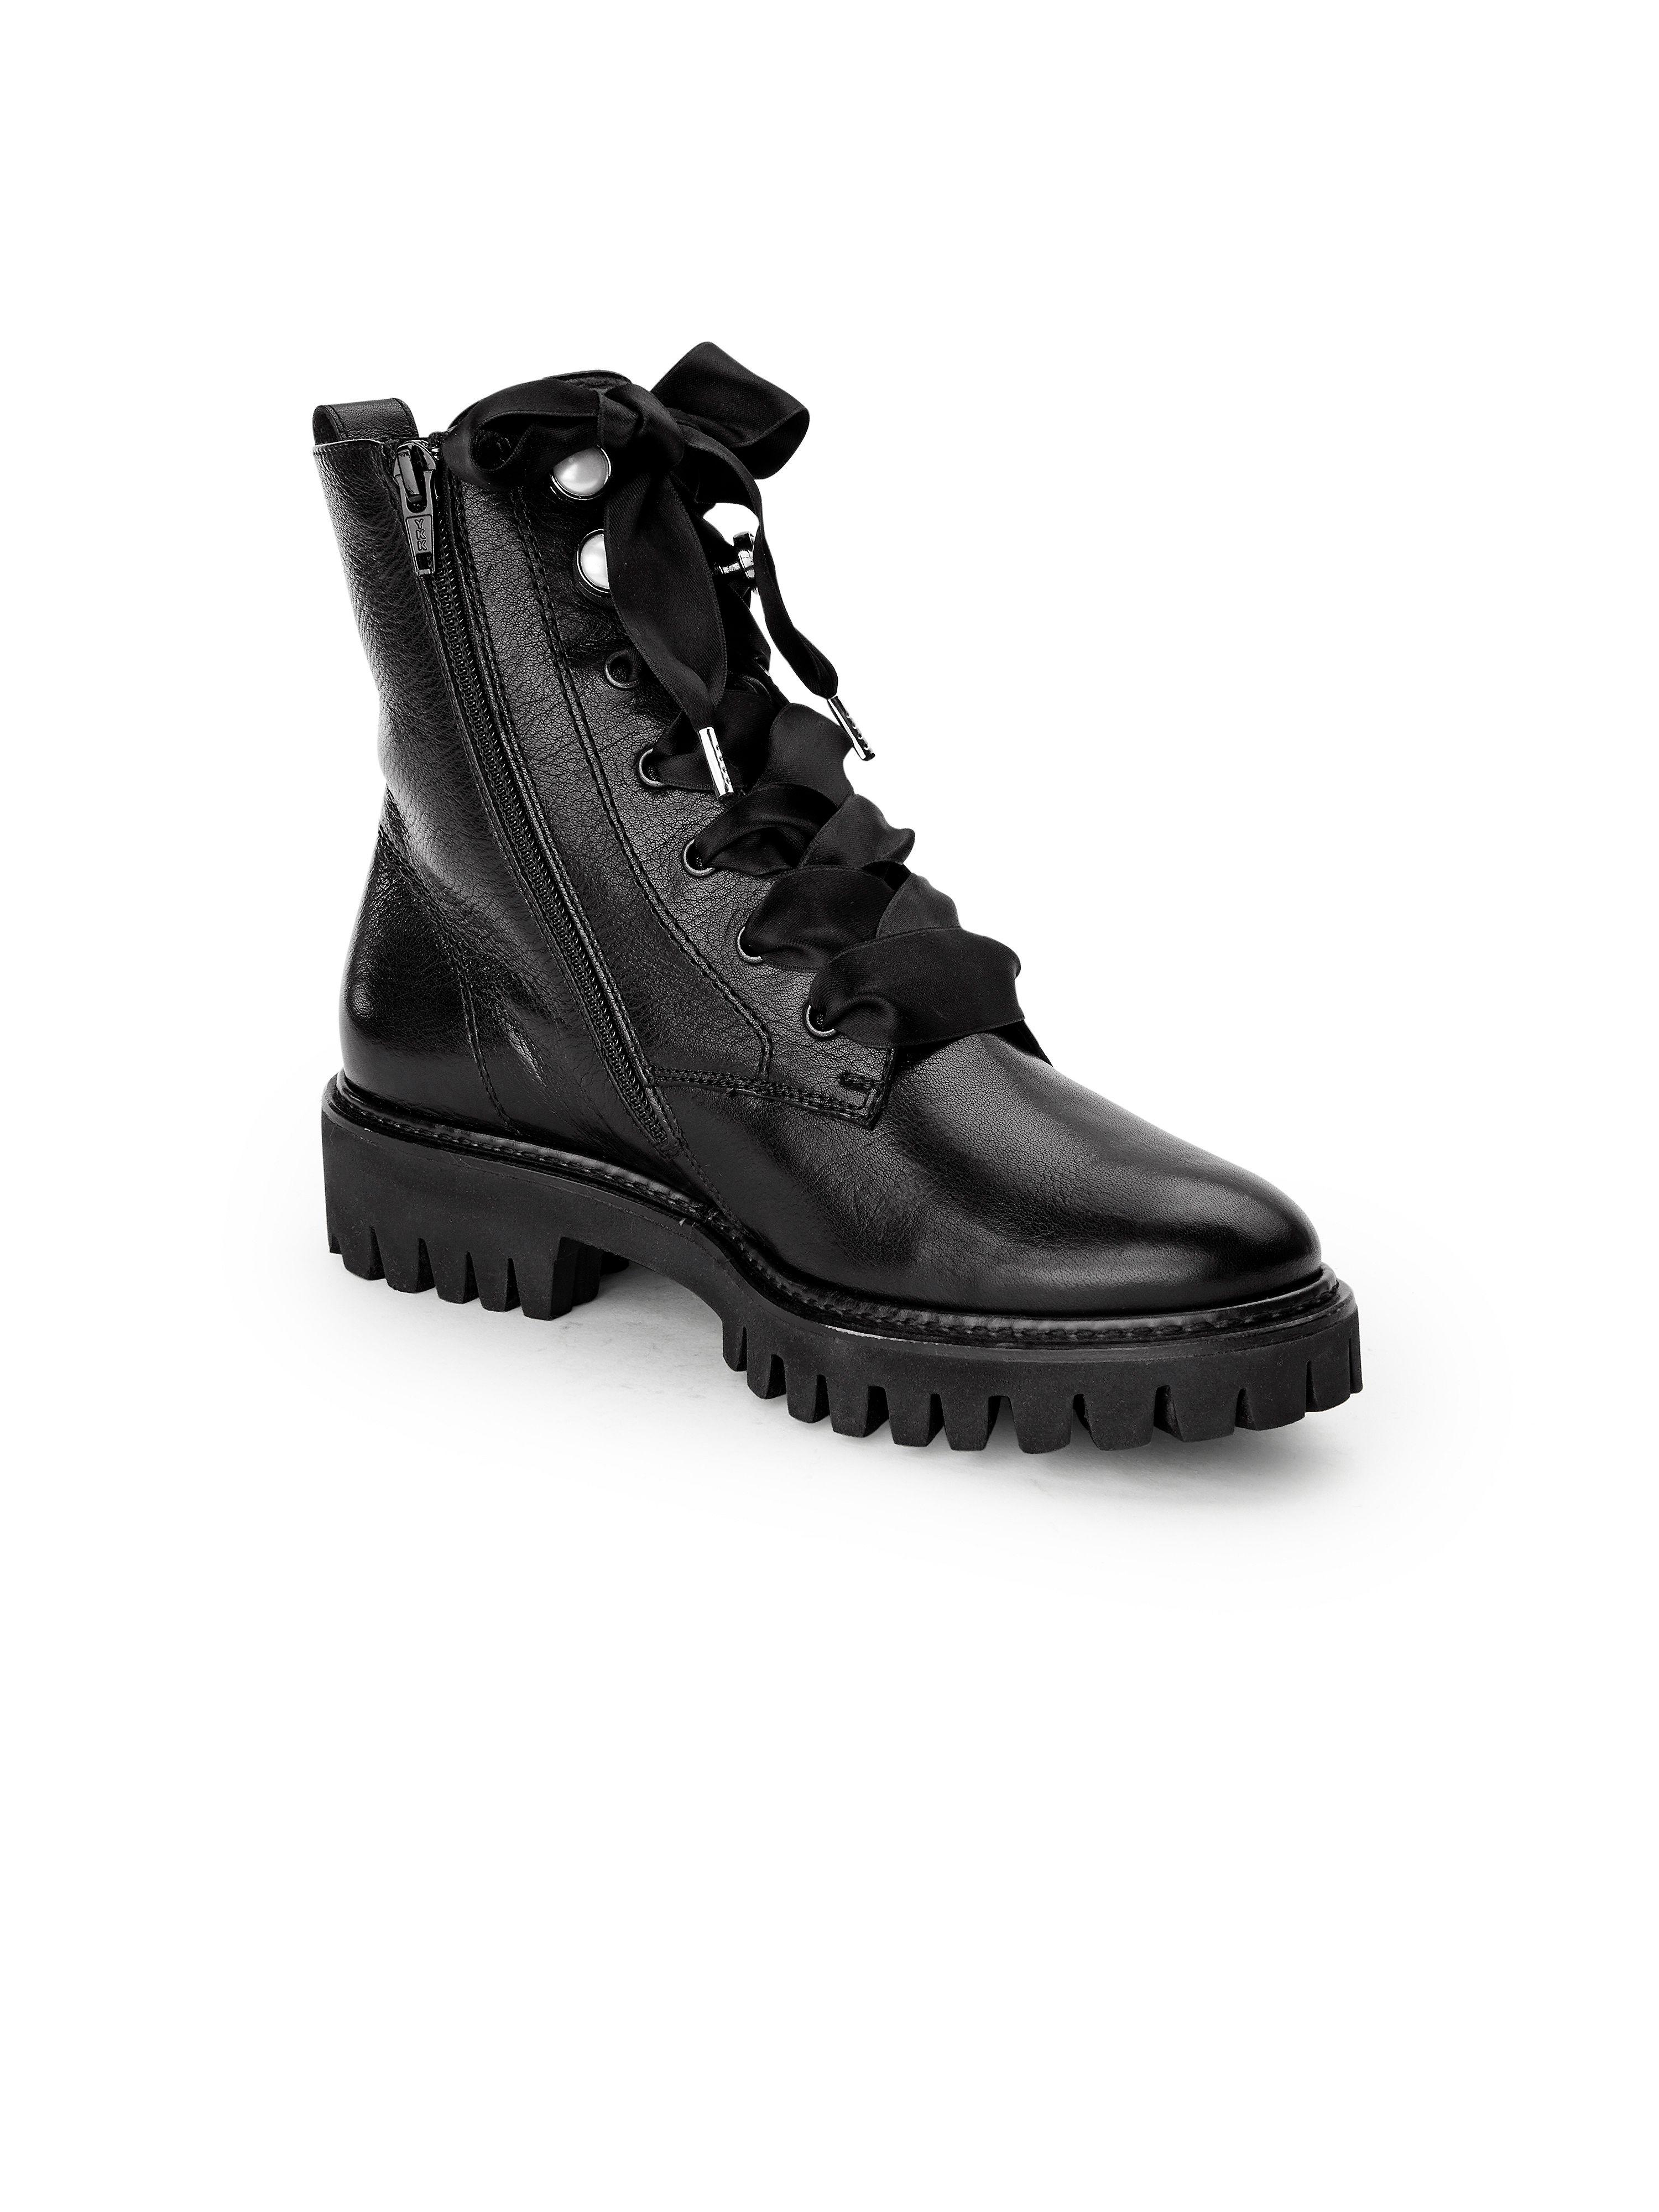 Paul Green - Schnür-Stiefelette - Schwarz Gute Qualität beliebte Schuhe